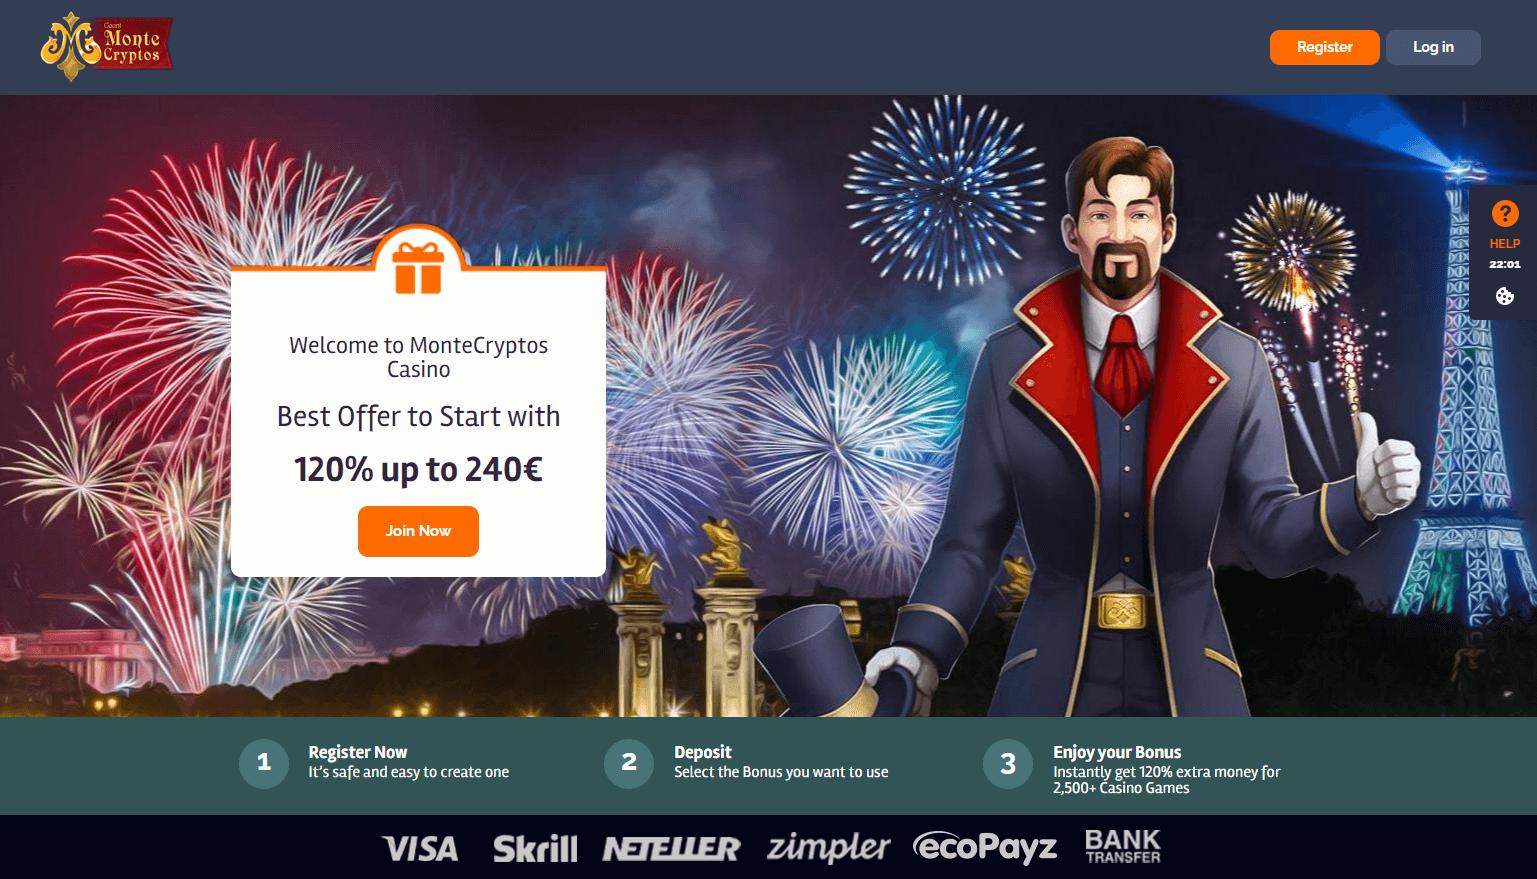 MonteCryptos Casino Welcome Bonus